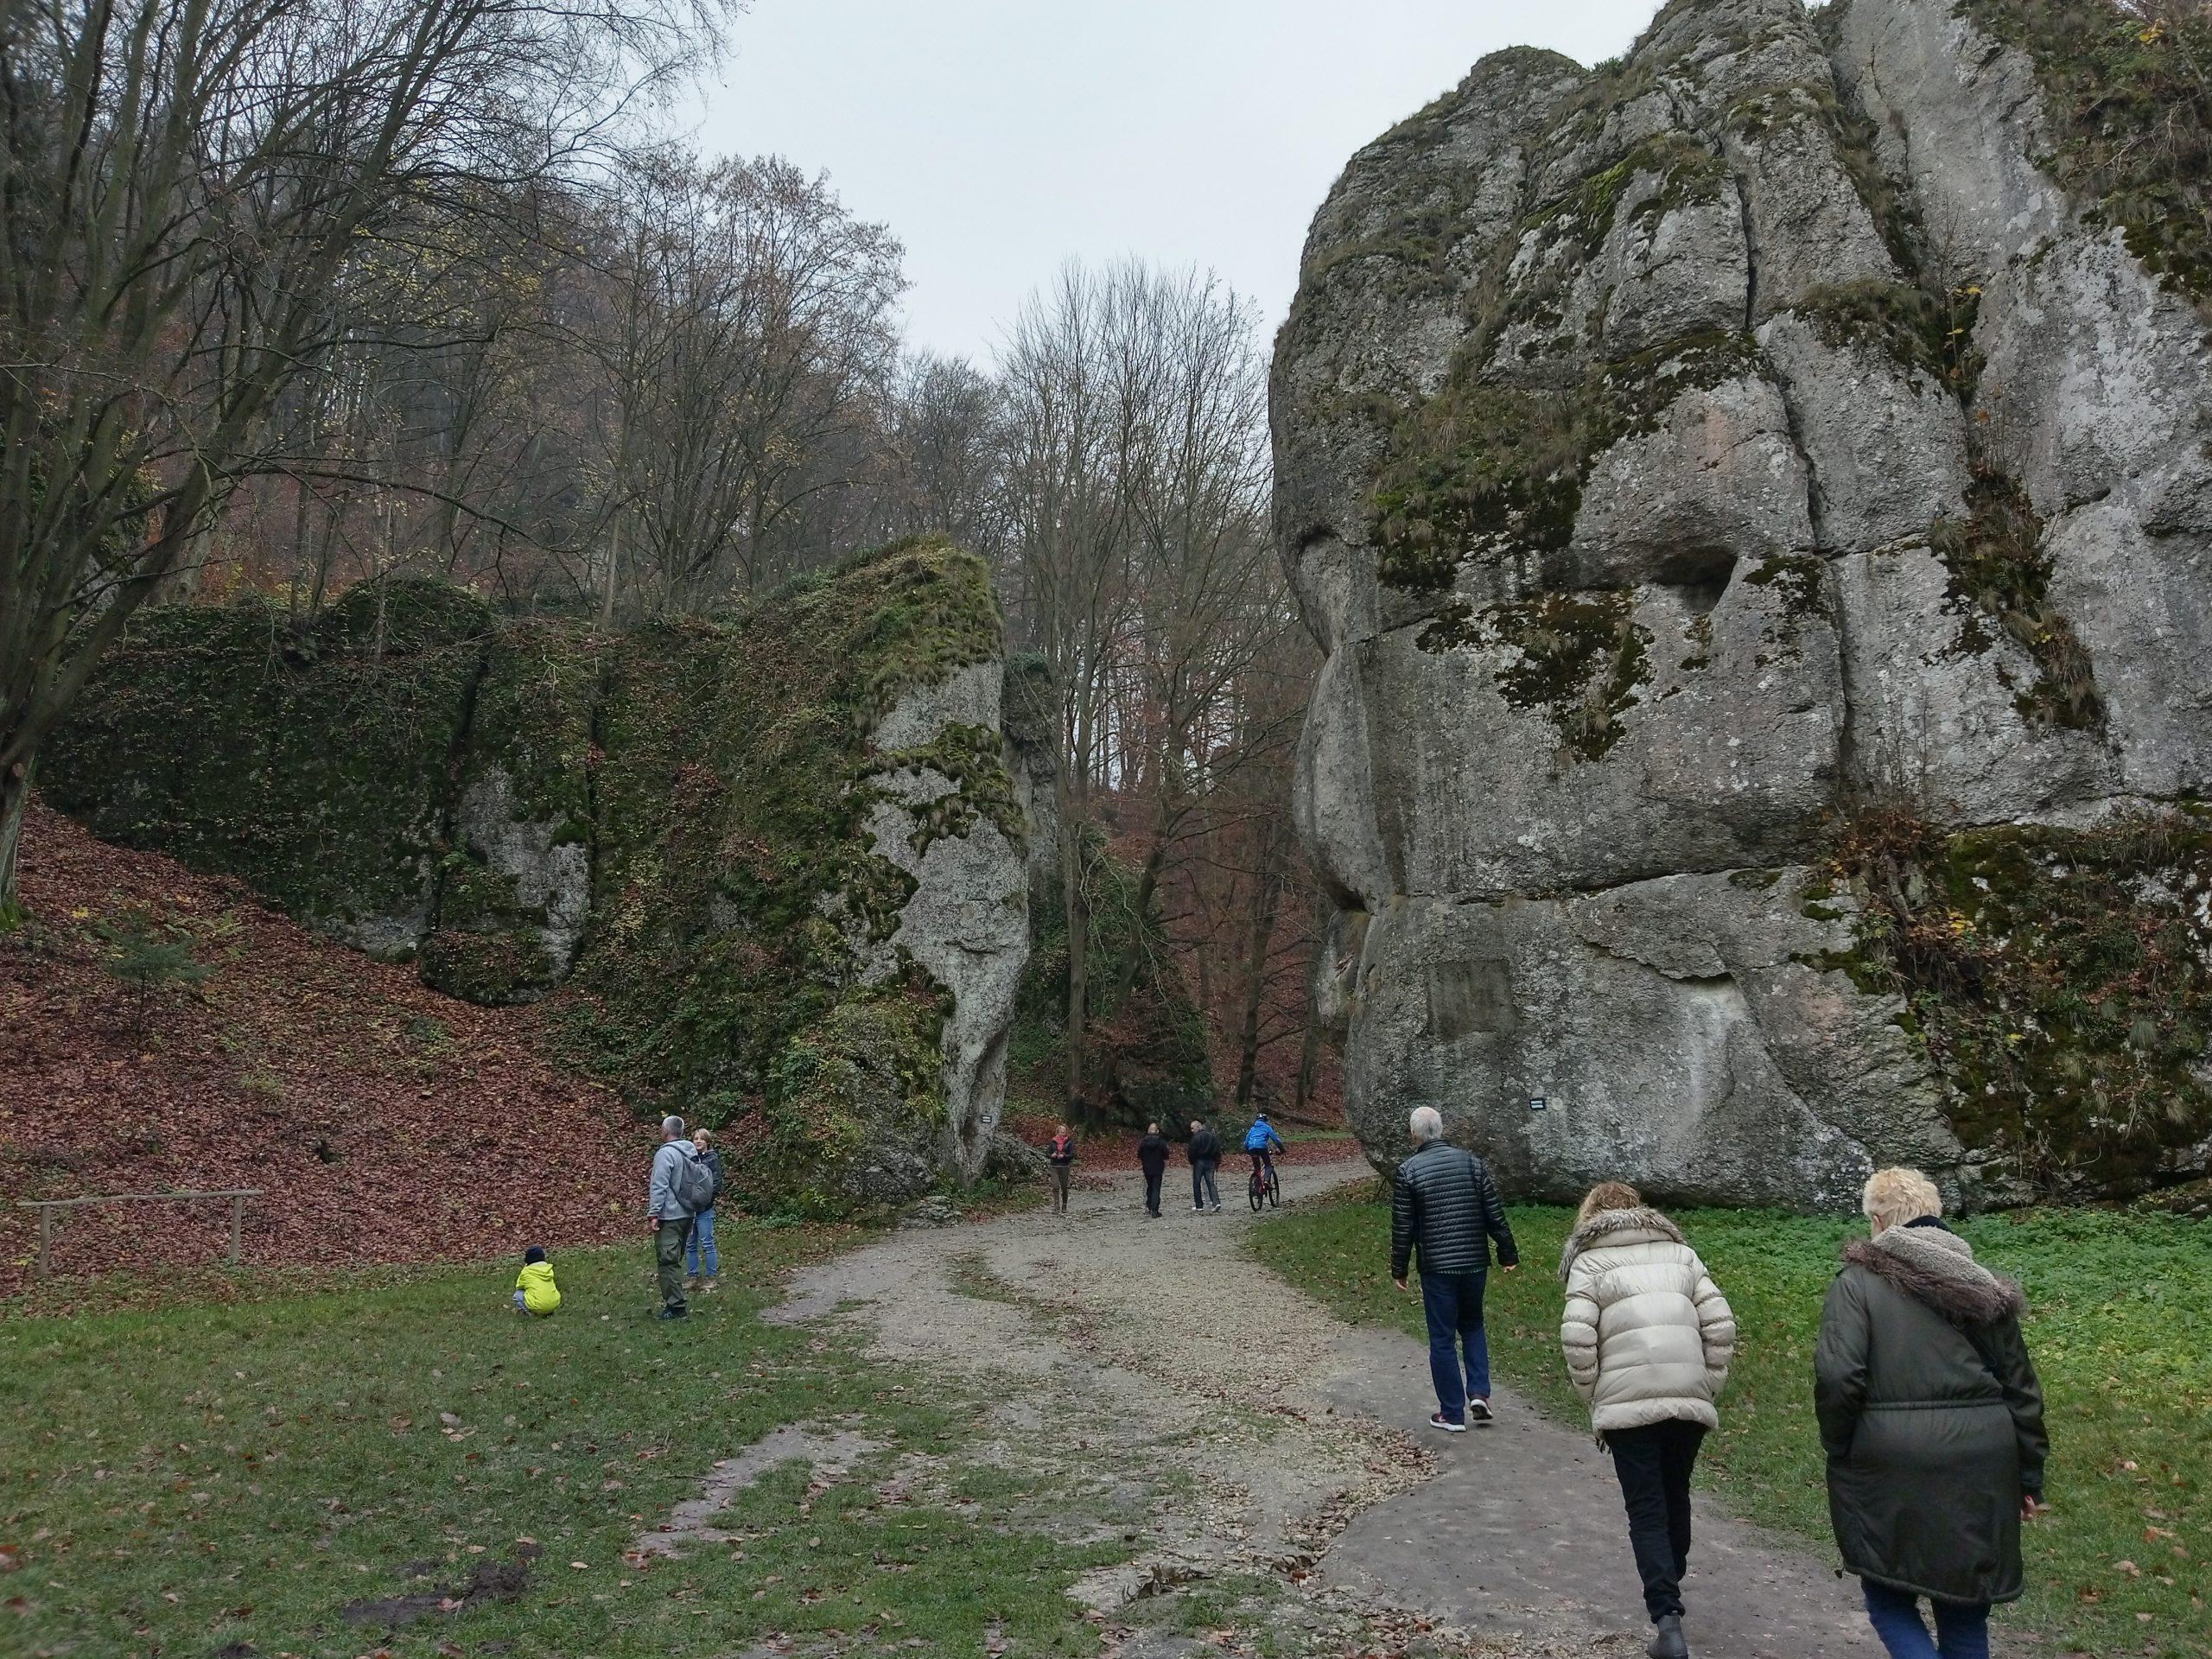 טיול טבע לפארק היפה בפולין ליד קרקוב